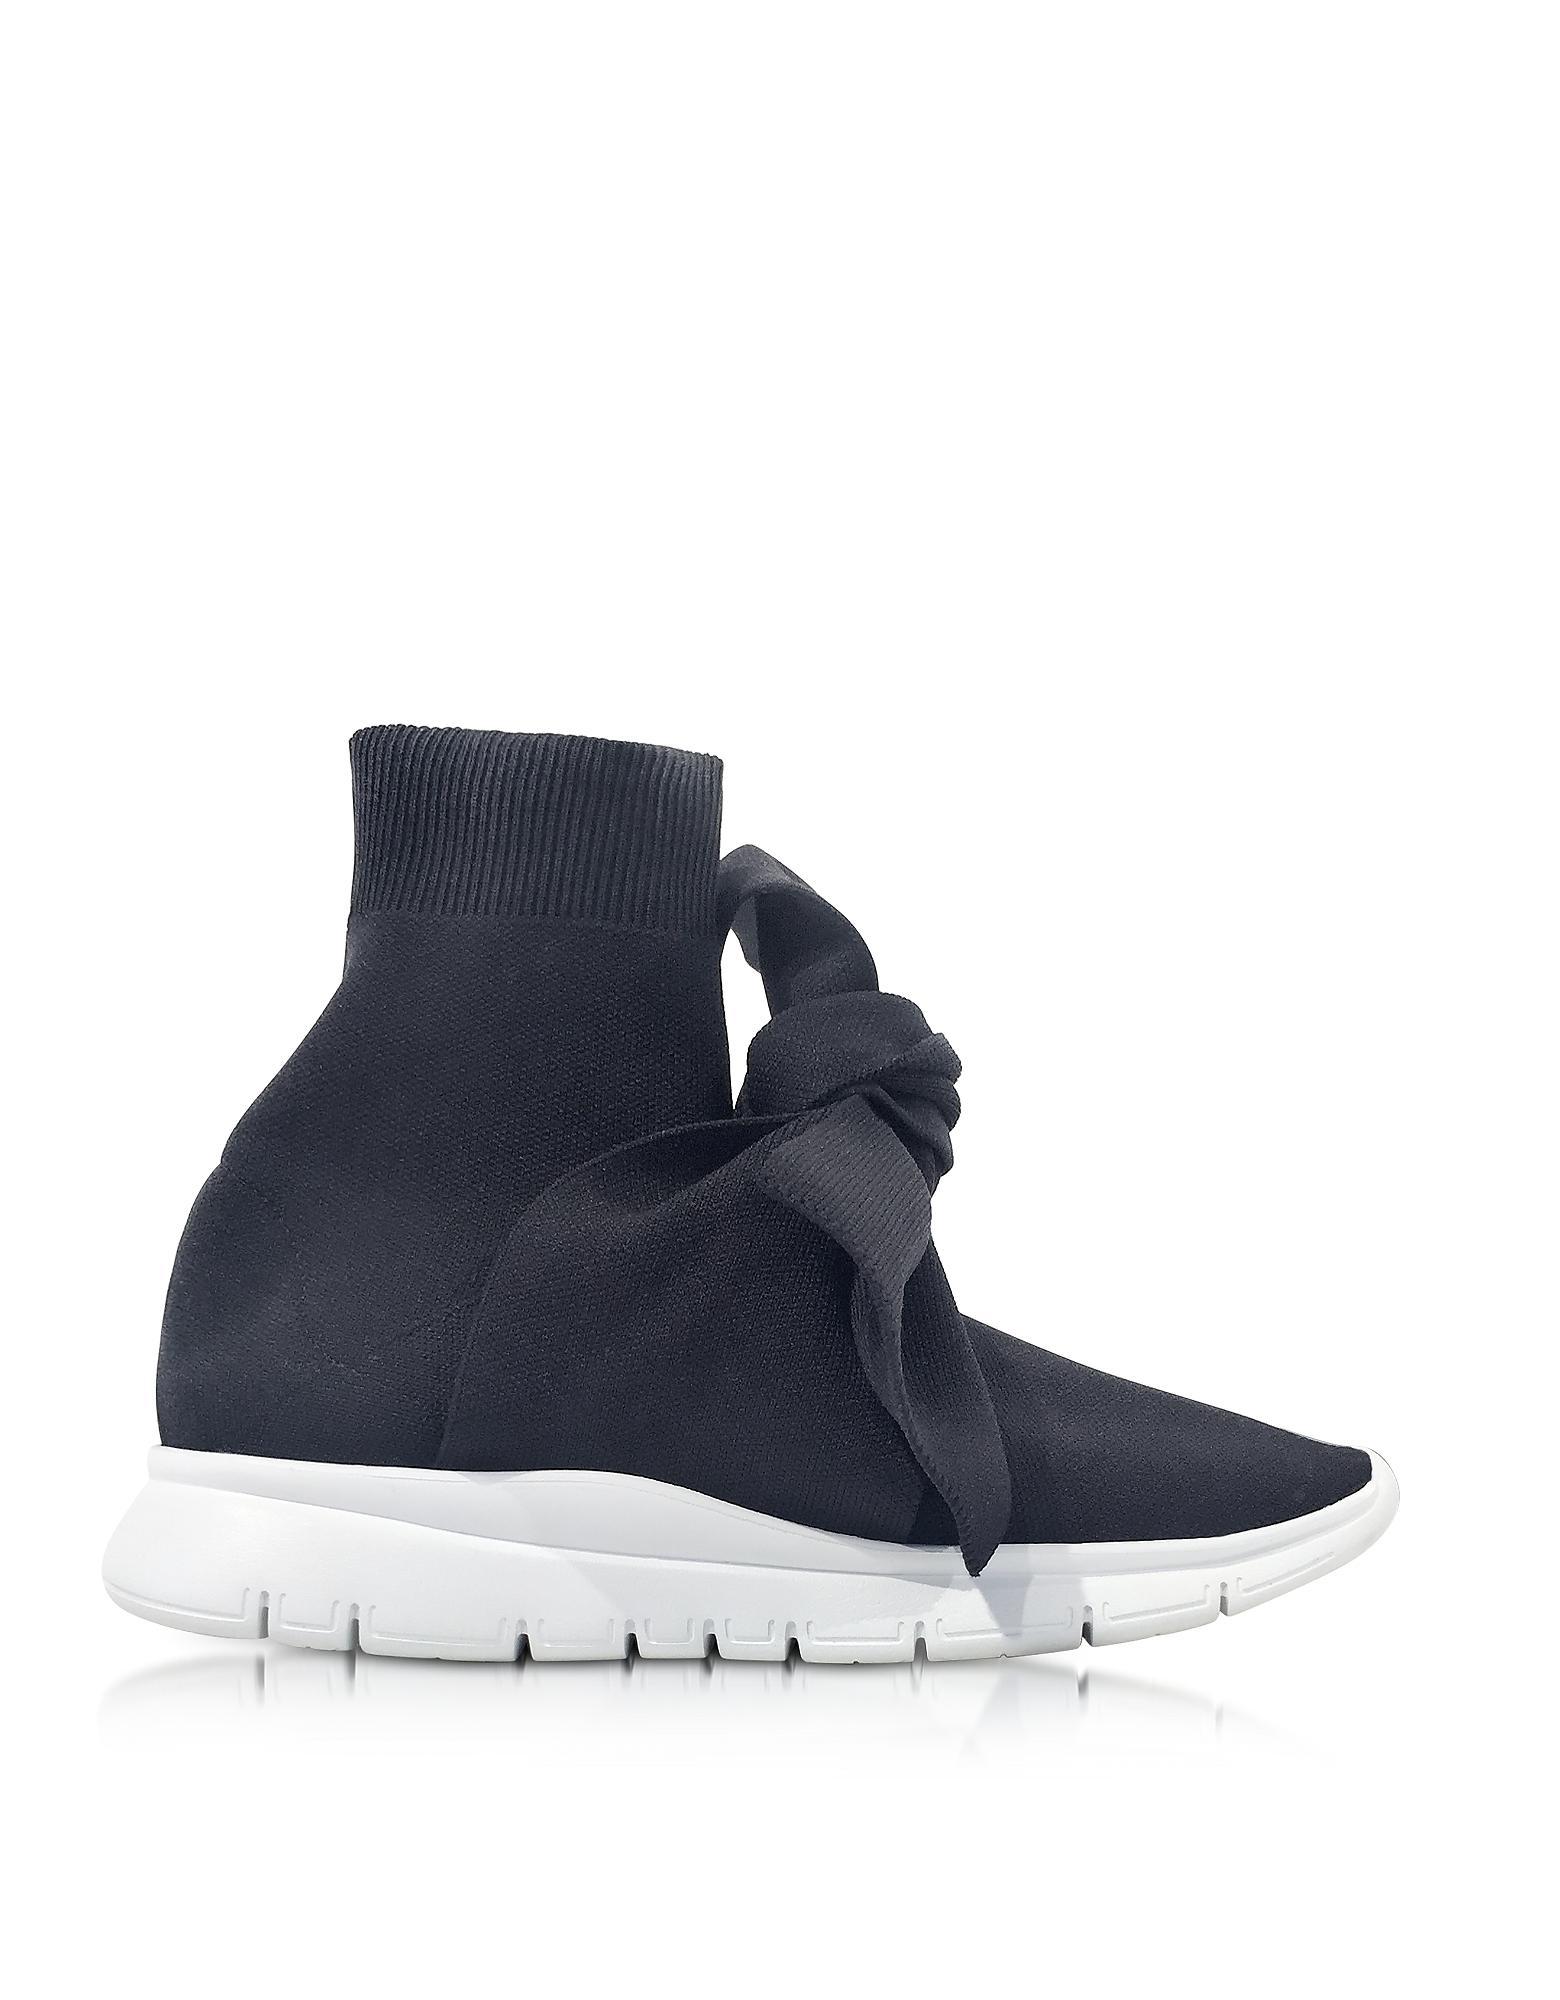 Black Knot Sock High-Top Sneakers Joshua Sanders KMbBye73bO